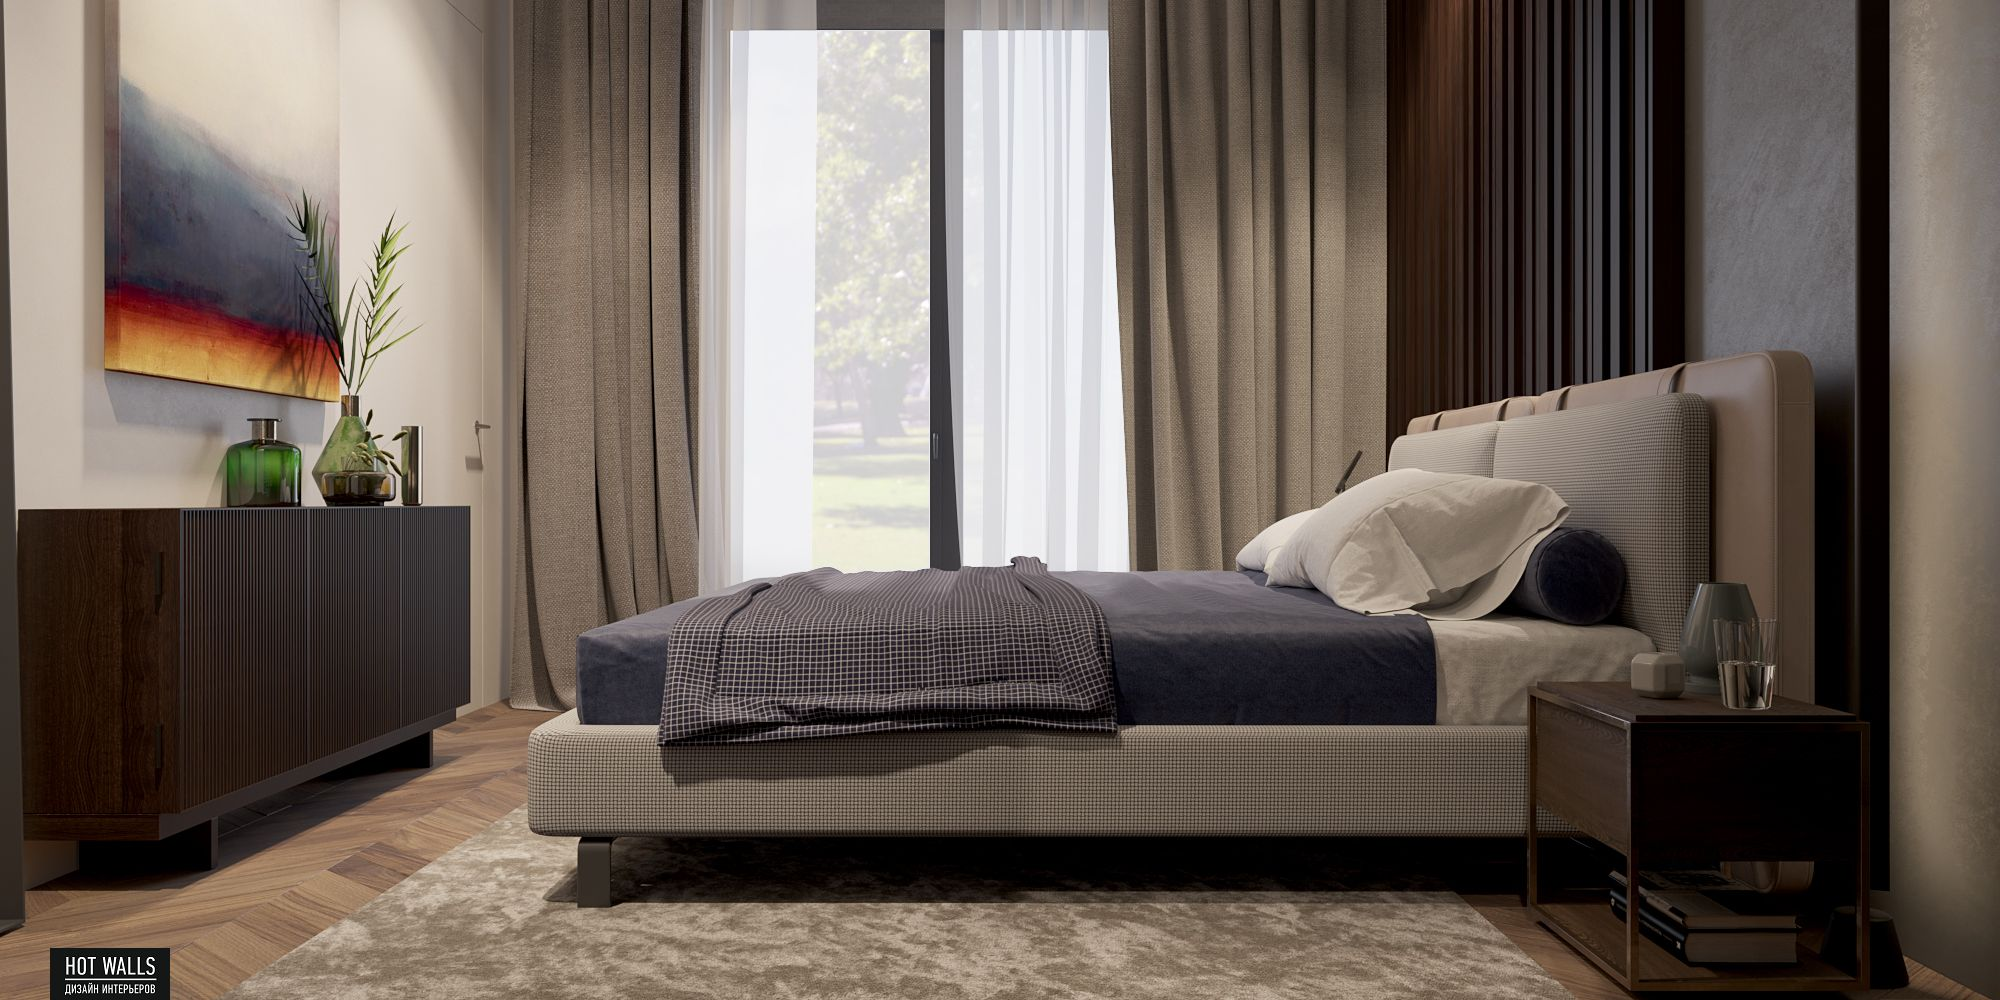 Bedroom_30.08.17